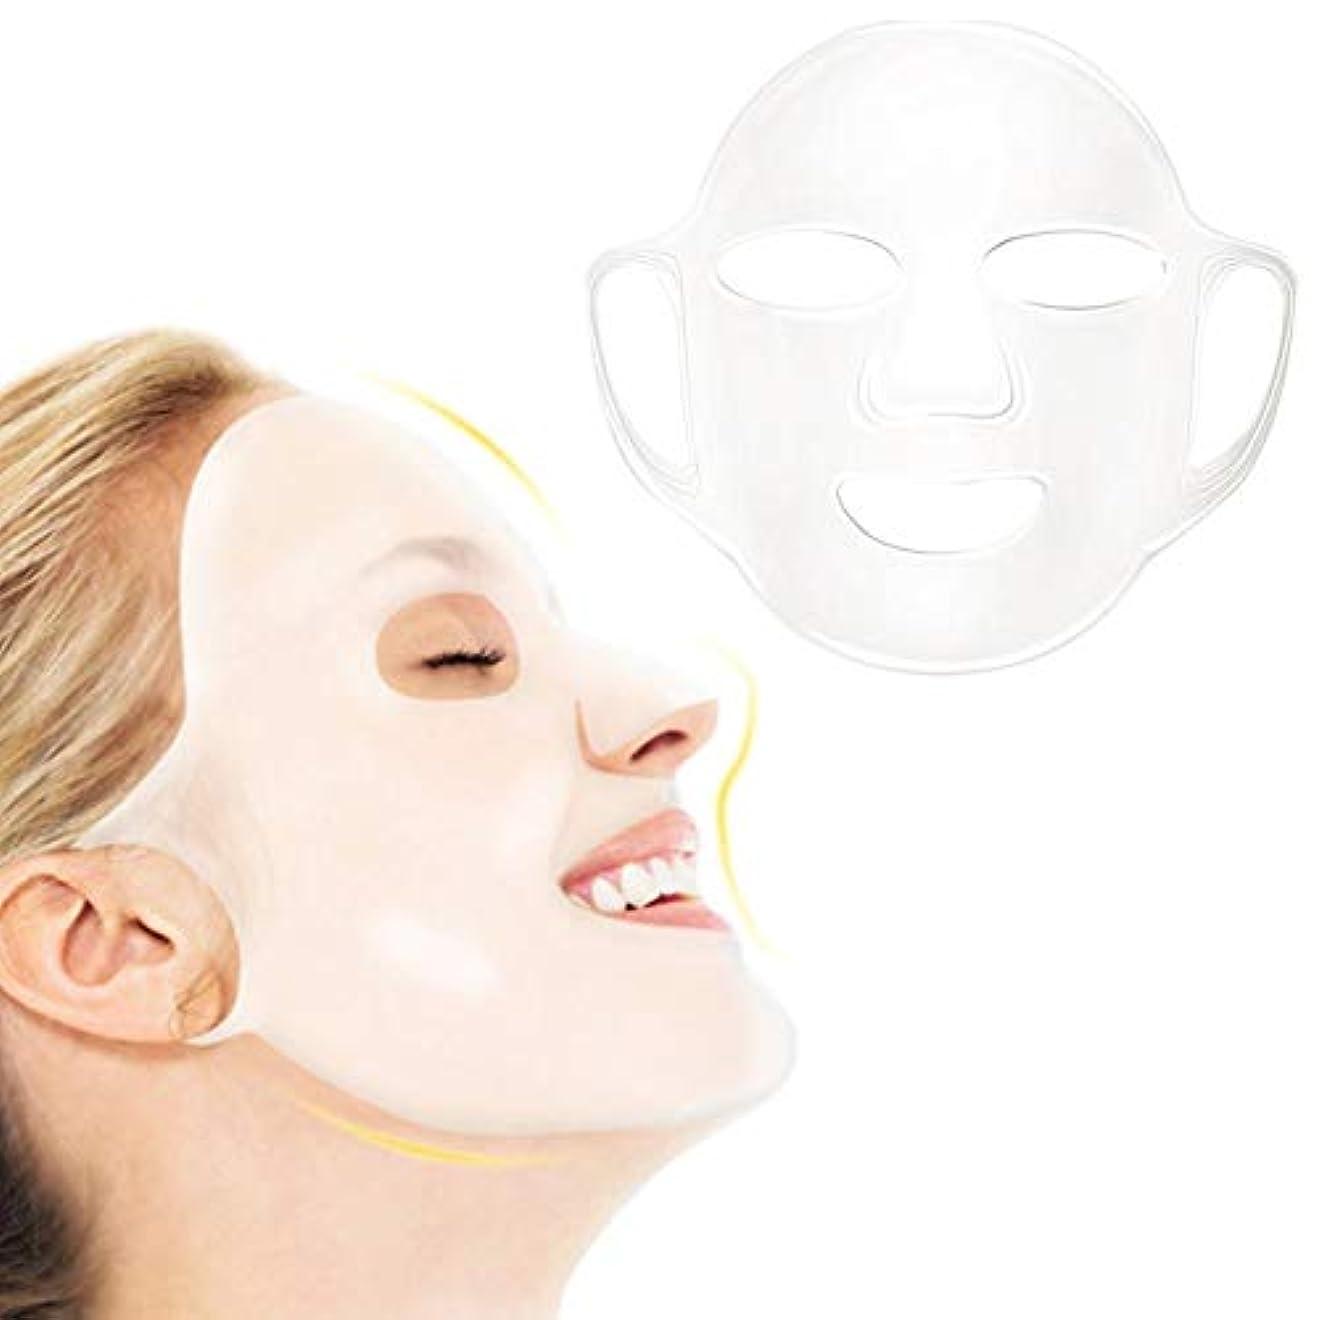 を除くお客様制限SILUN シリコーンマスクカバーマスクぶら下げ耳マスク固定防滴カバー水蒸発二重吸収マスクDIY